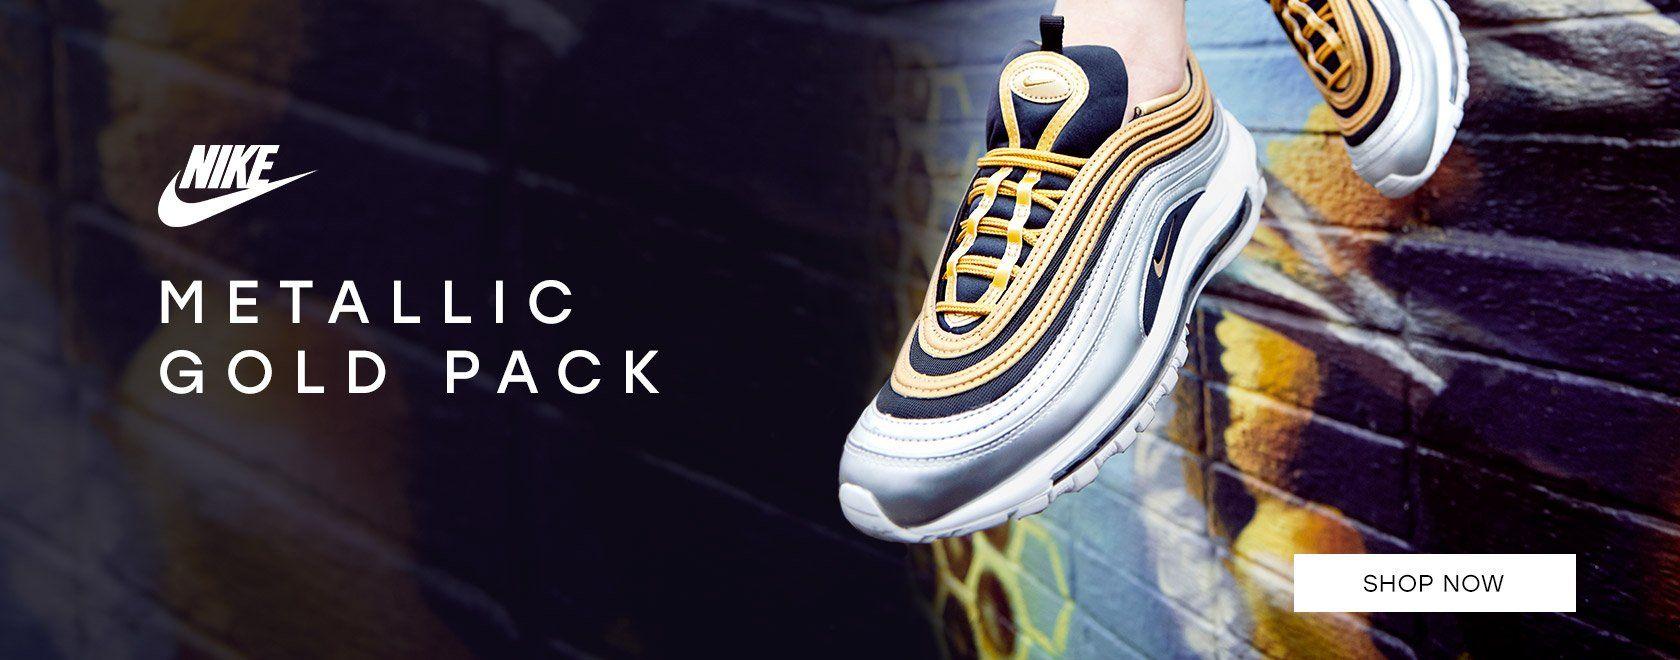 Nike Metallic Gold Pack